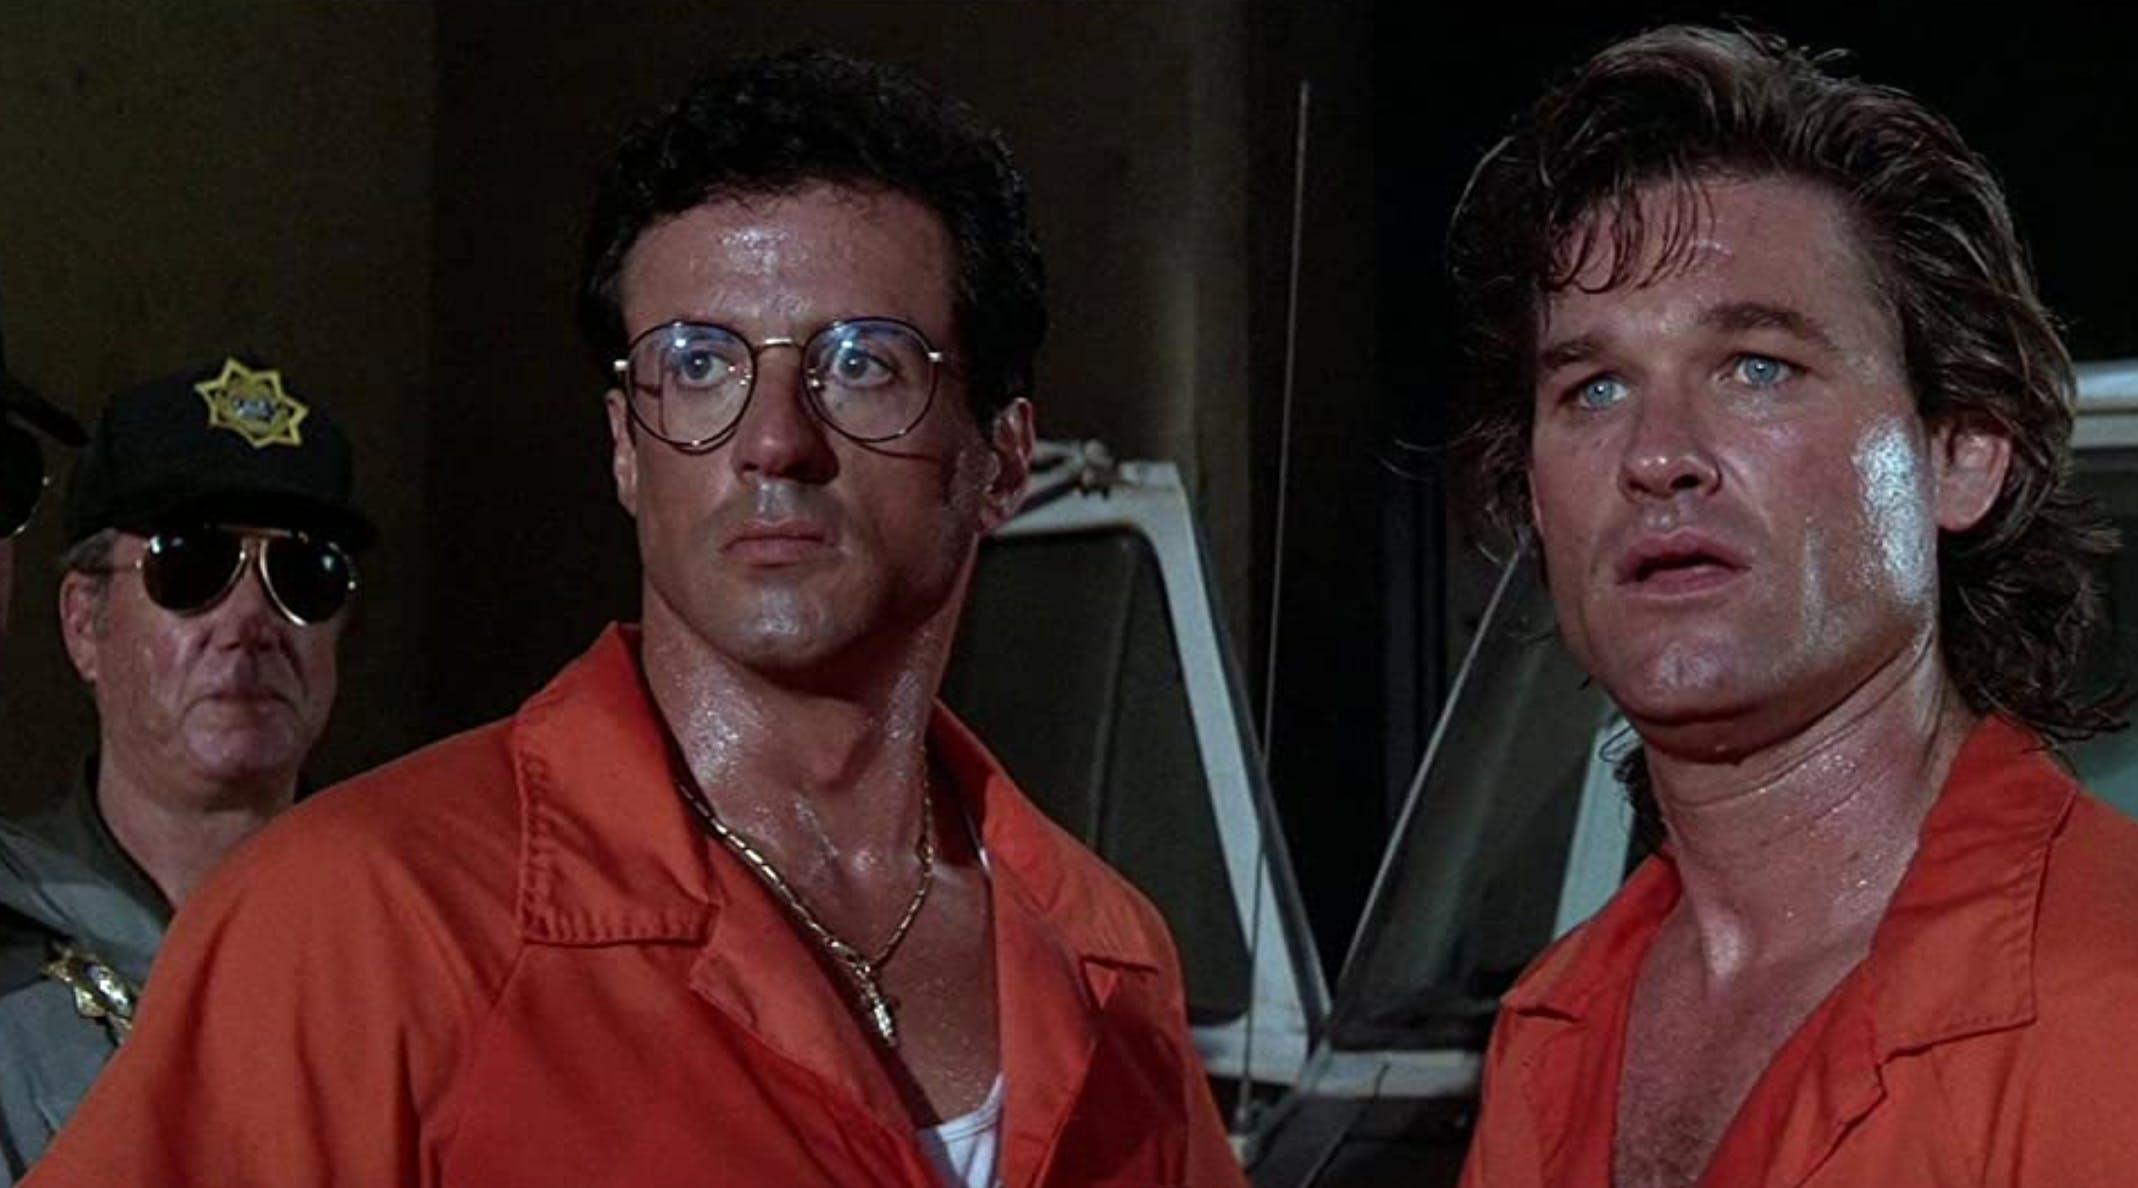 «Tango & Cash»: Stallone stand hier mit Kurt Russell vor der Kamera. Ein weiteres Zitat, das sich mit Gold aufwiegen lässt: «Du siehst ein bisschen blutarm aus, du könntest ein wenig Eisen vertragen», dabei nimmt Sly seinen Revolver zur Hand.